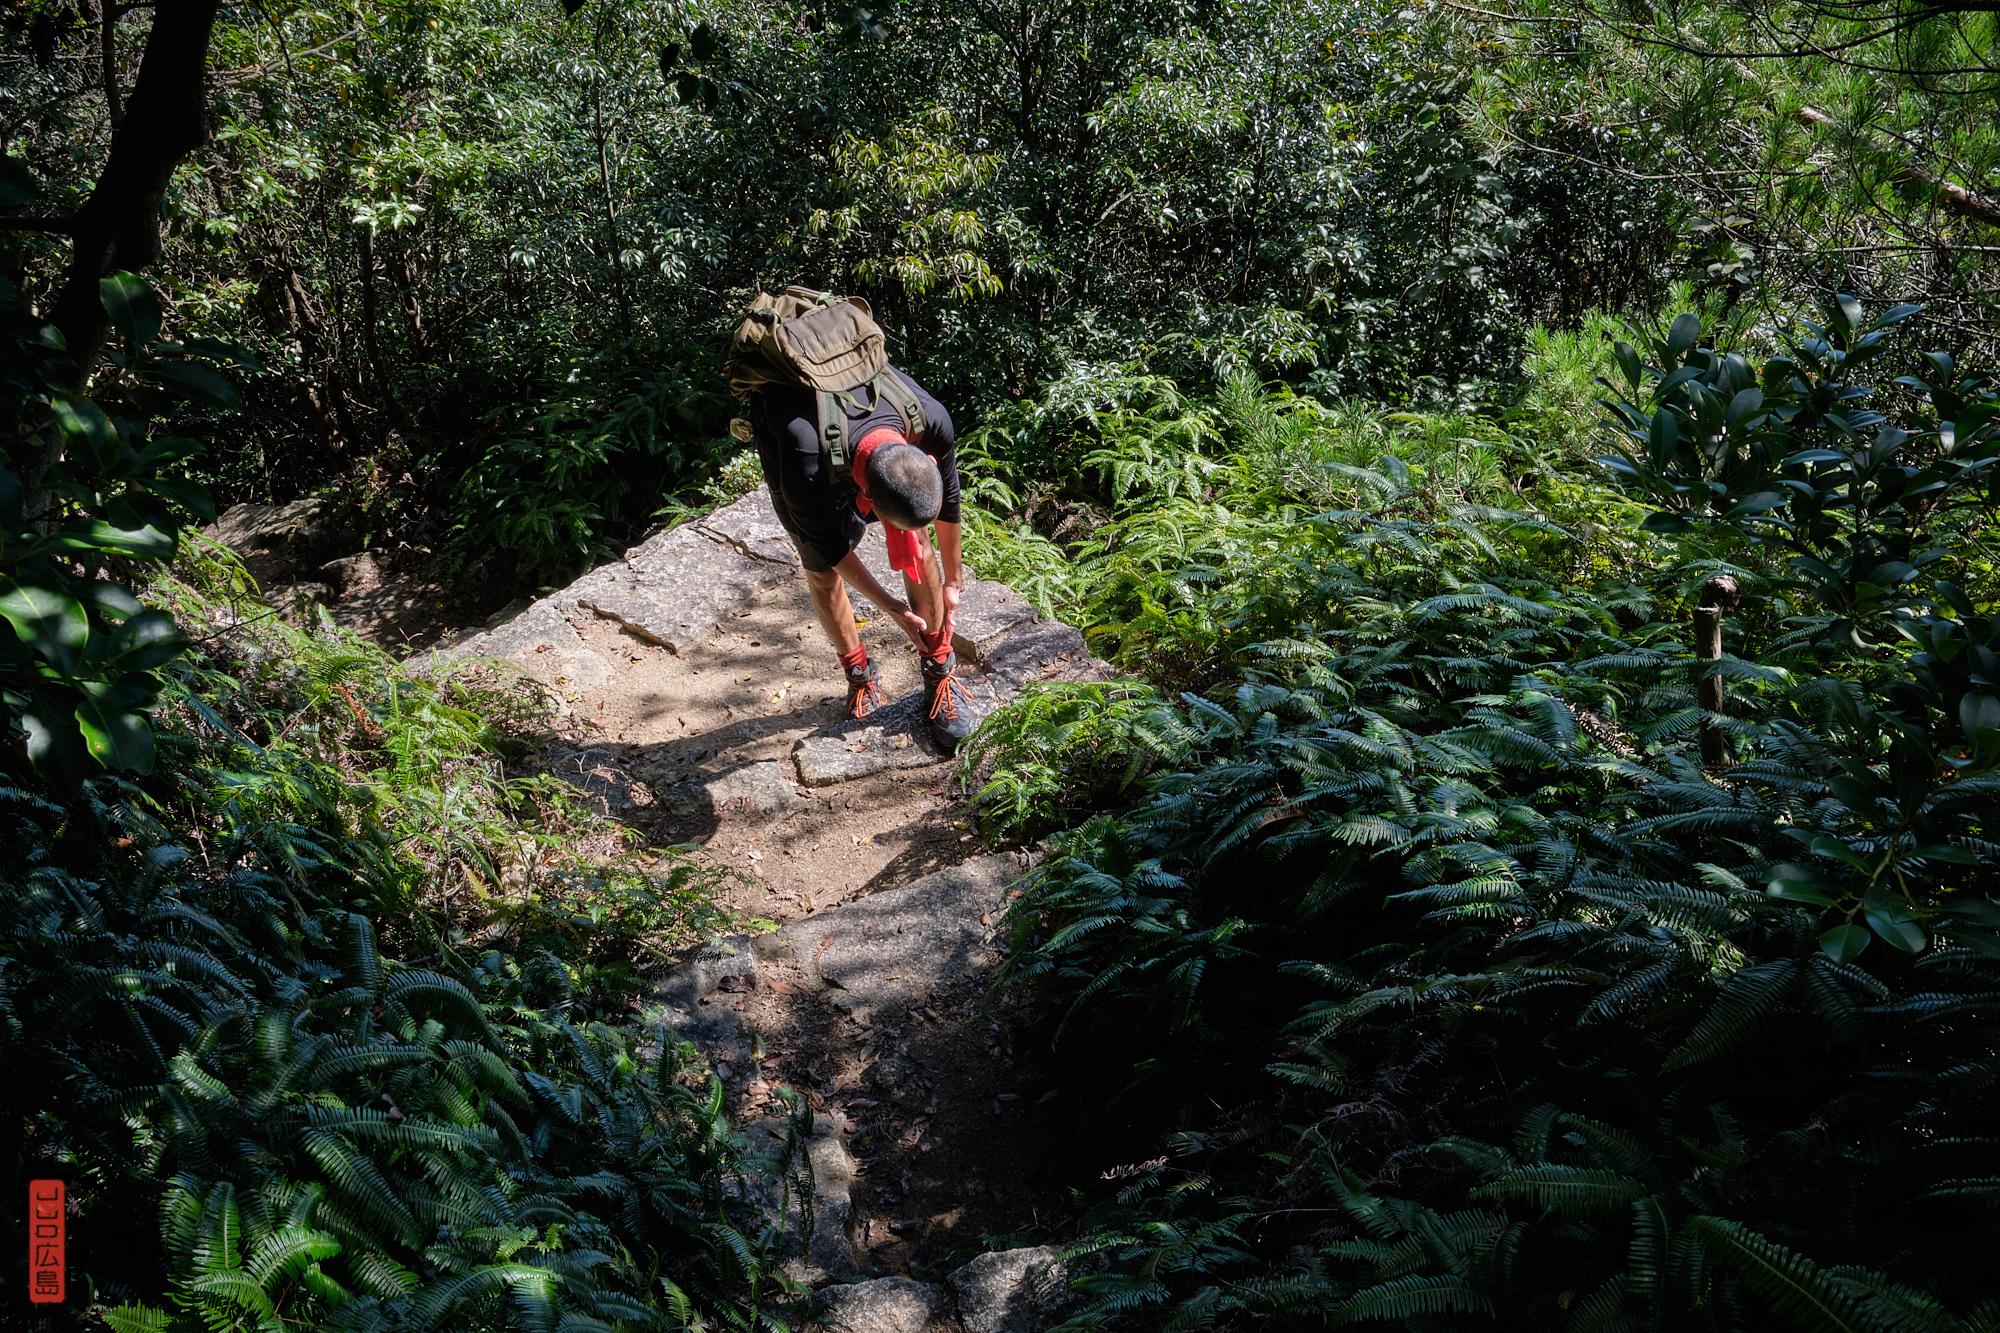 sentier de randonnée dans les monts de l'île Miyajima, Japon